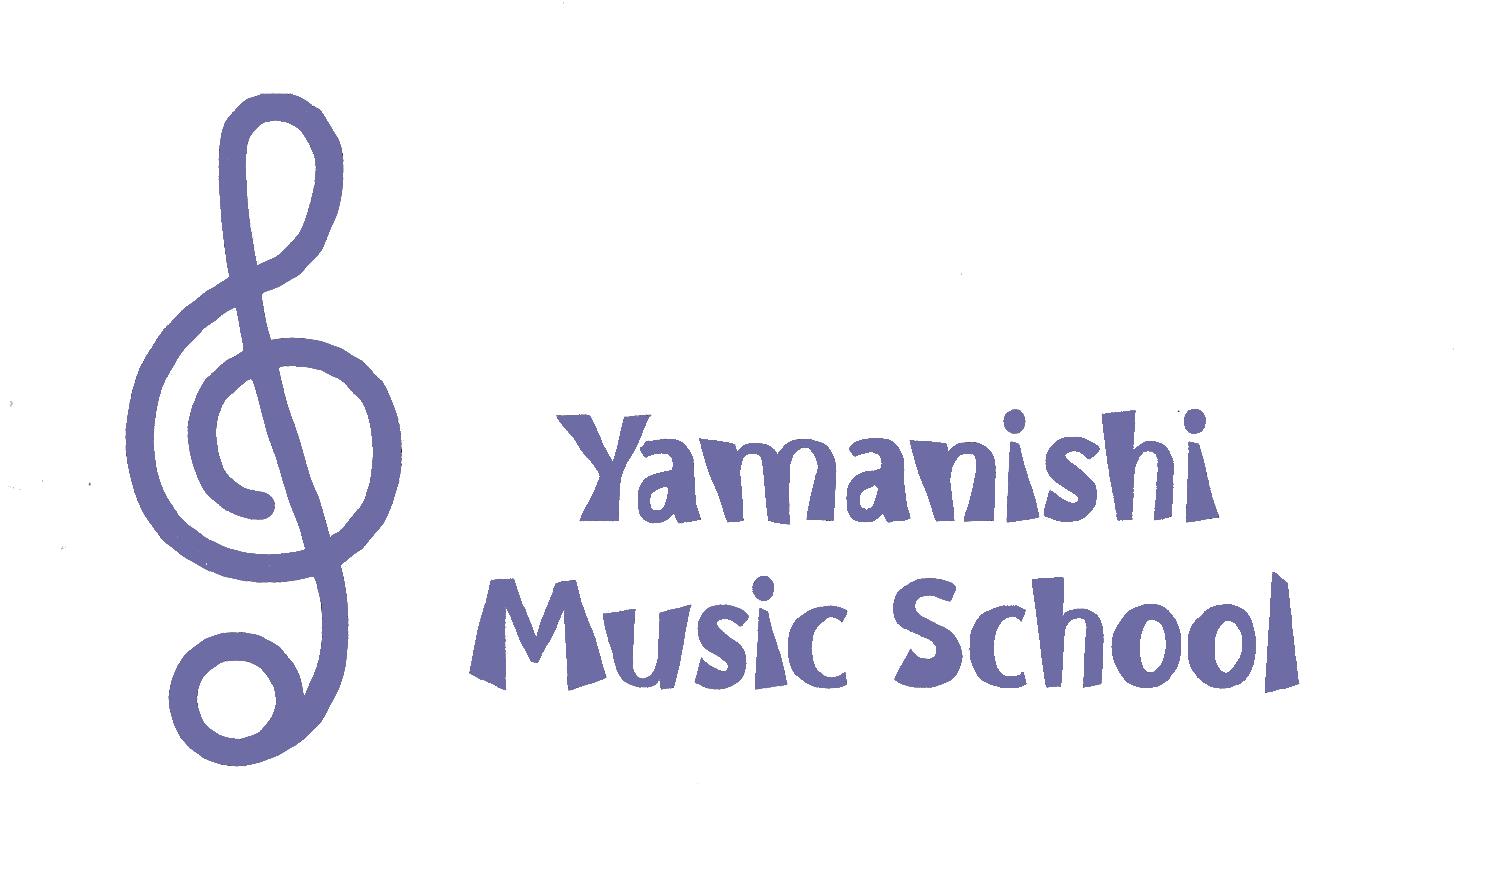 ヤマハ音楽教室 レッスン見学実施中!